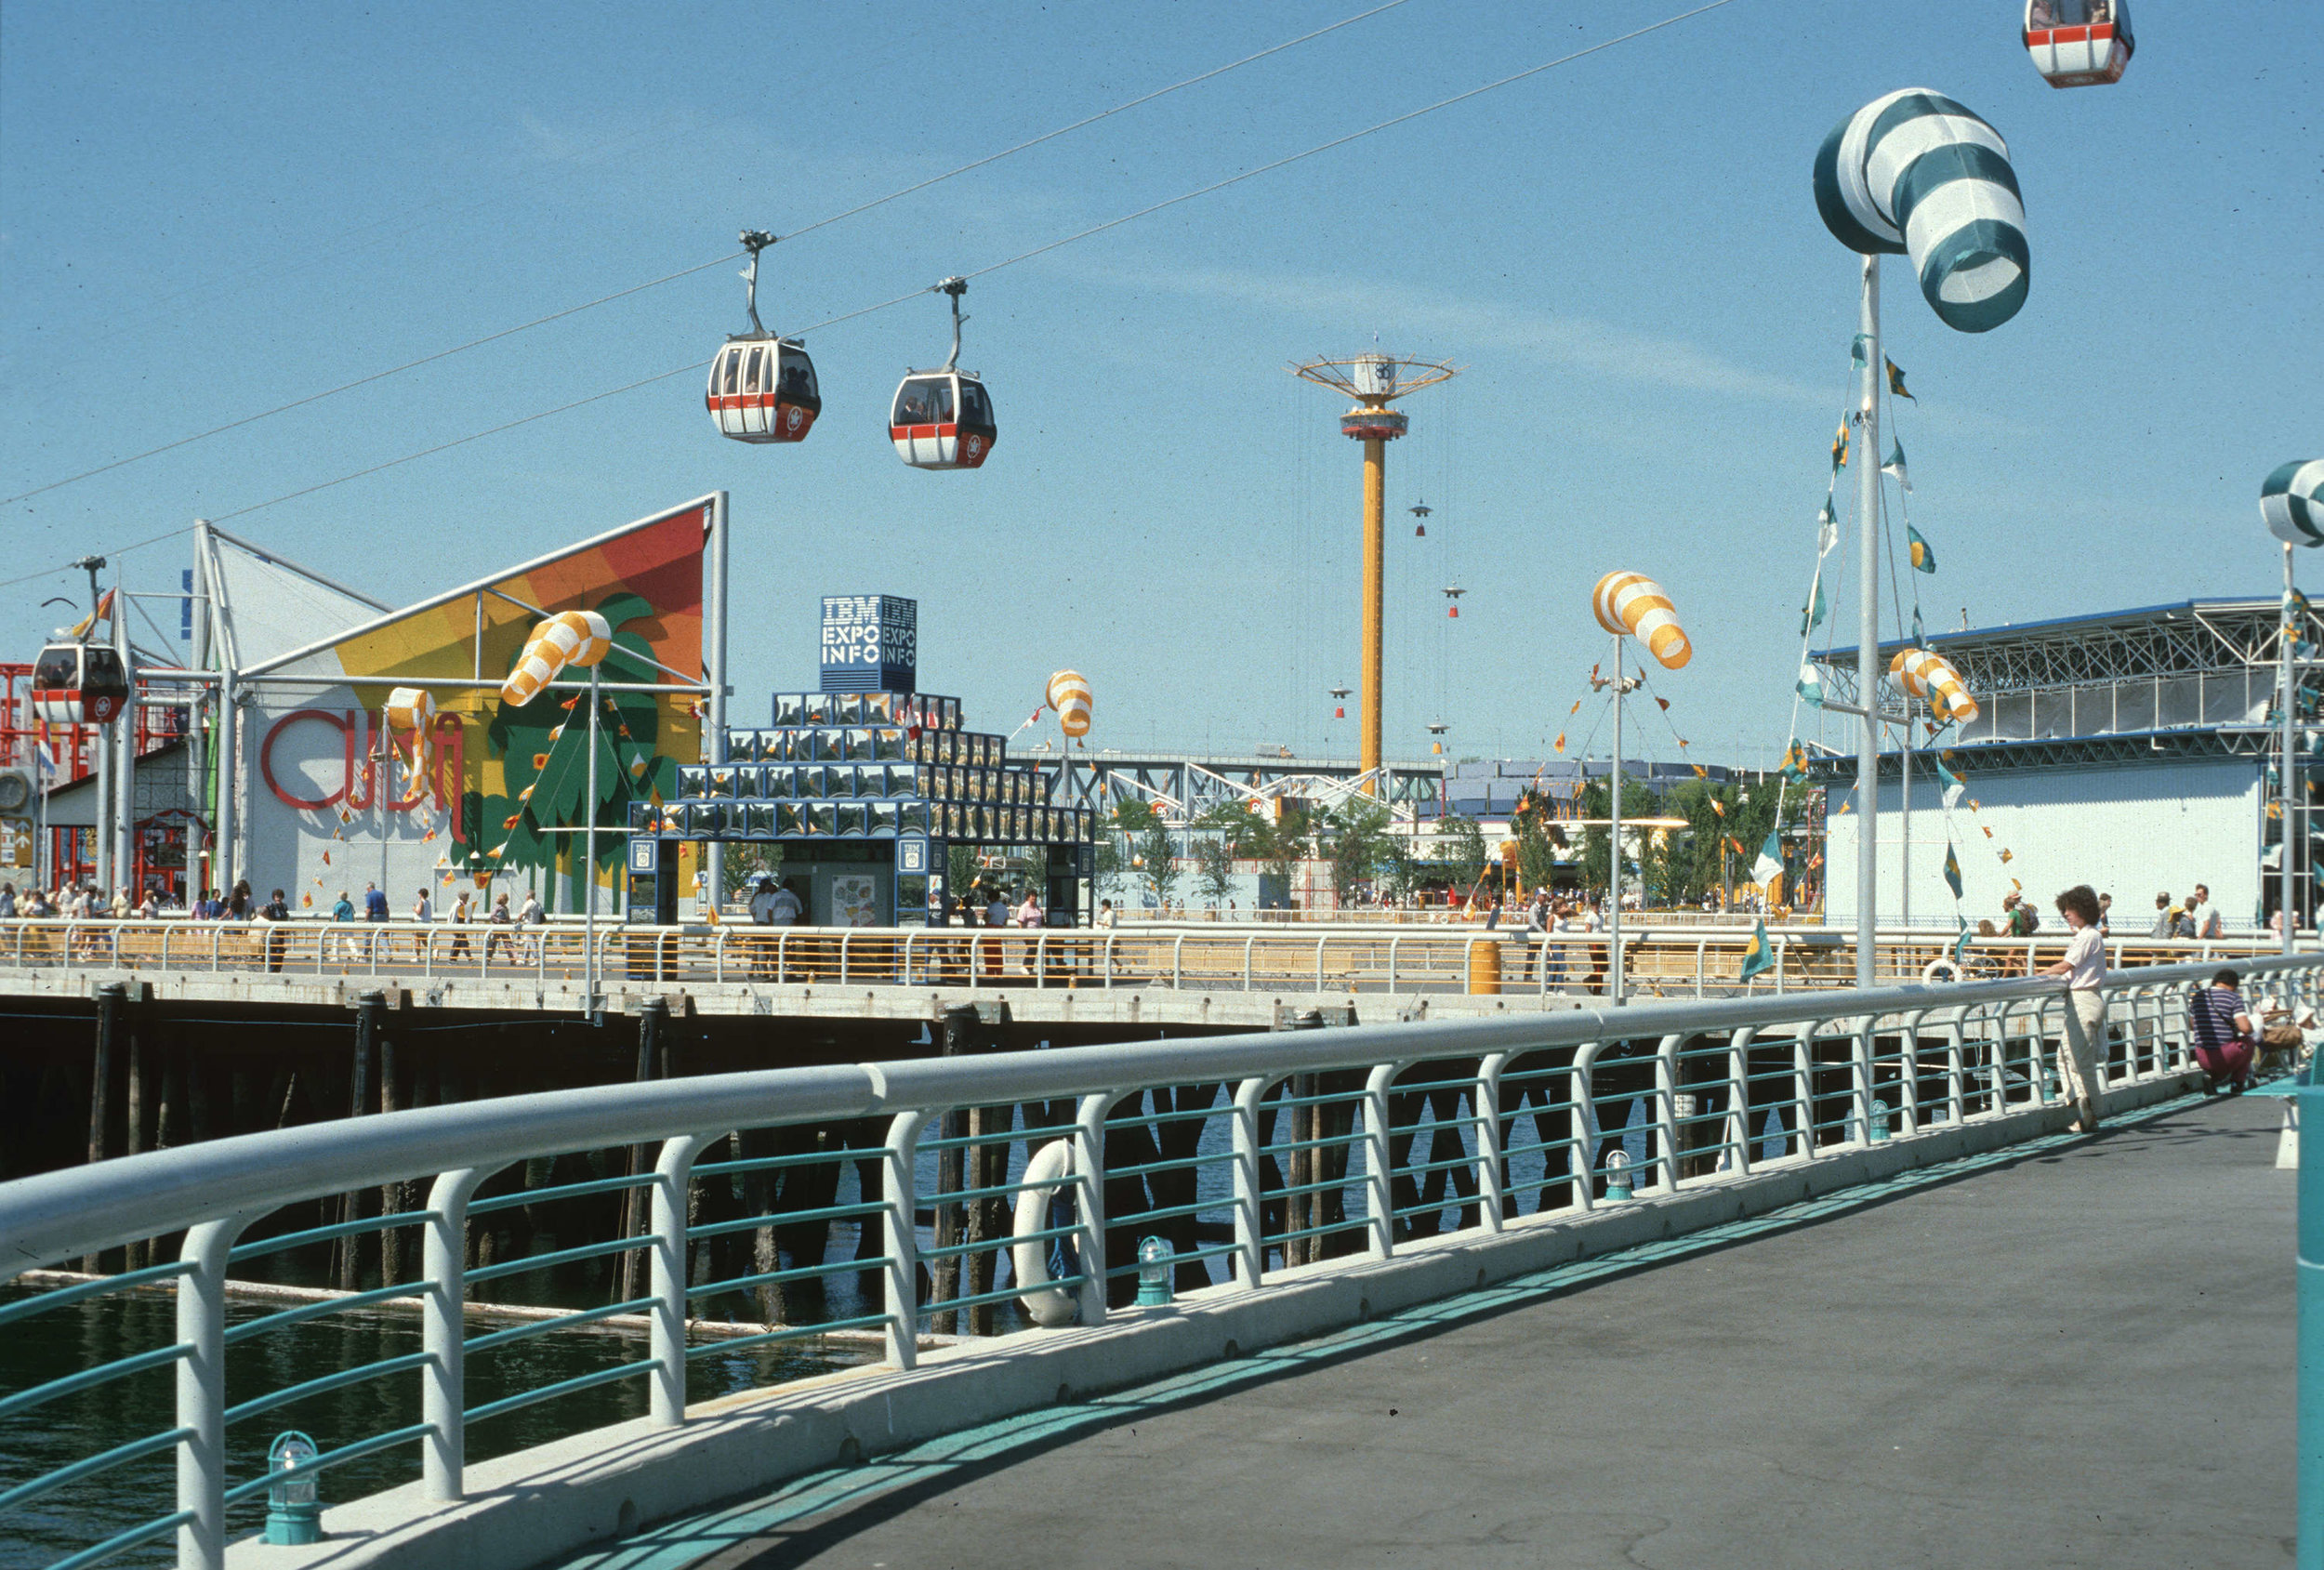 Fair City -